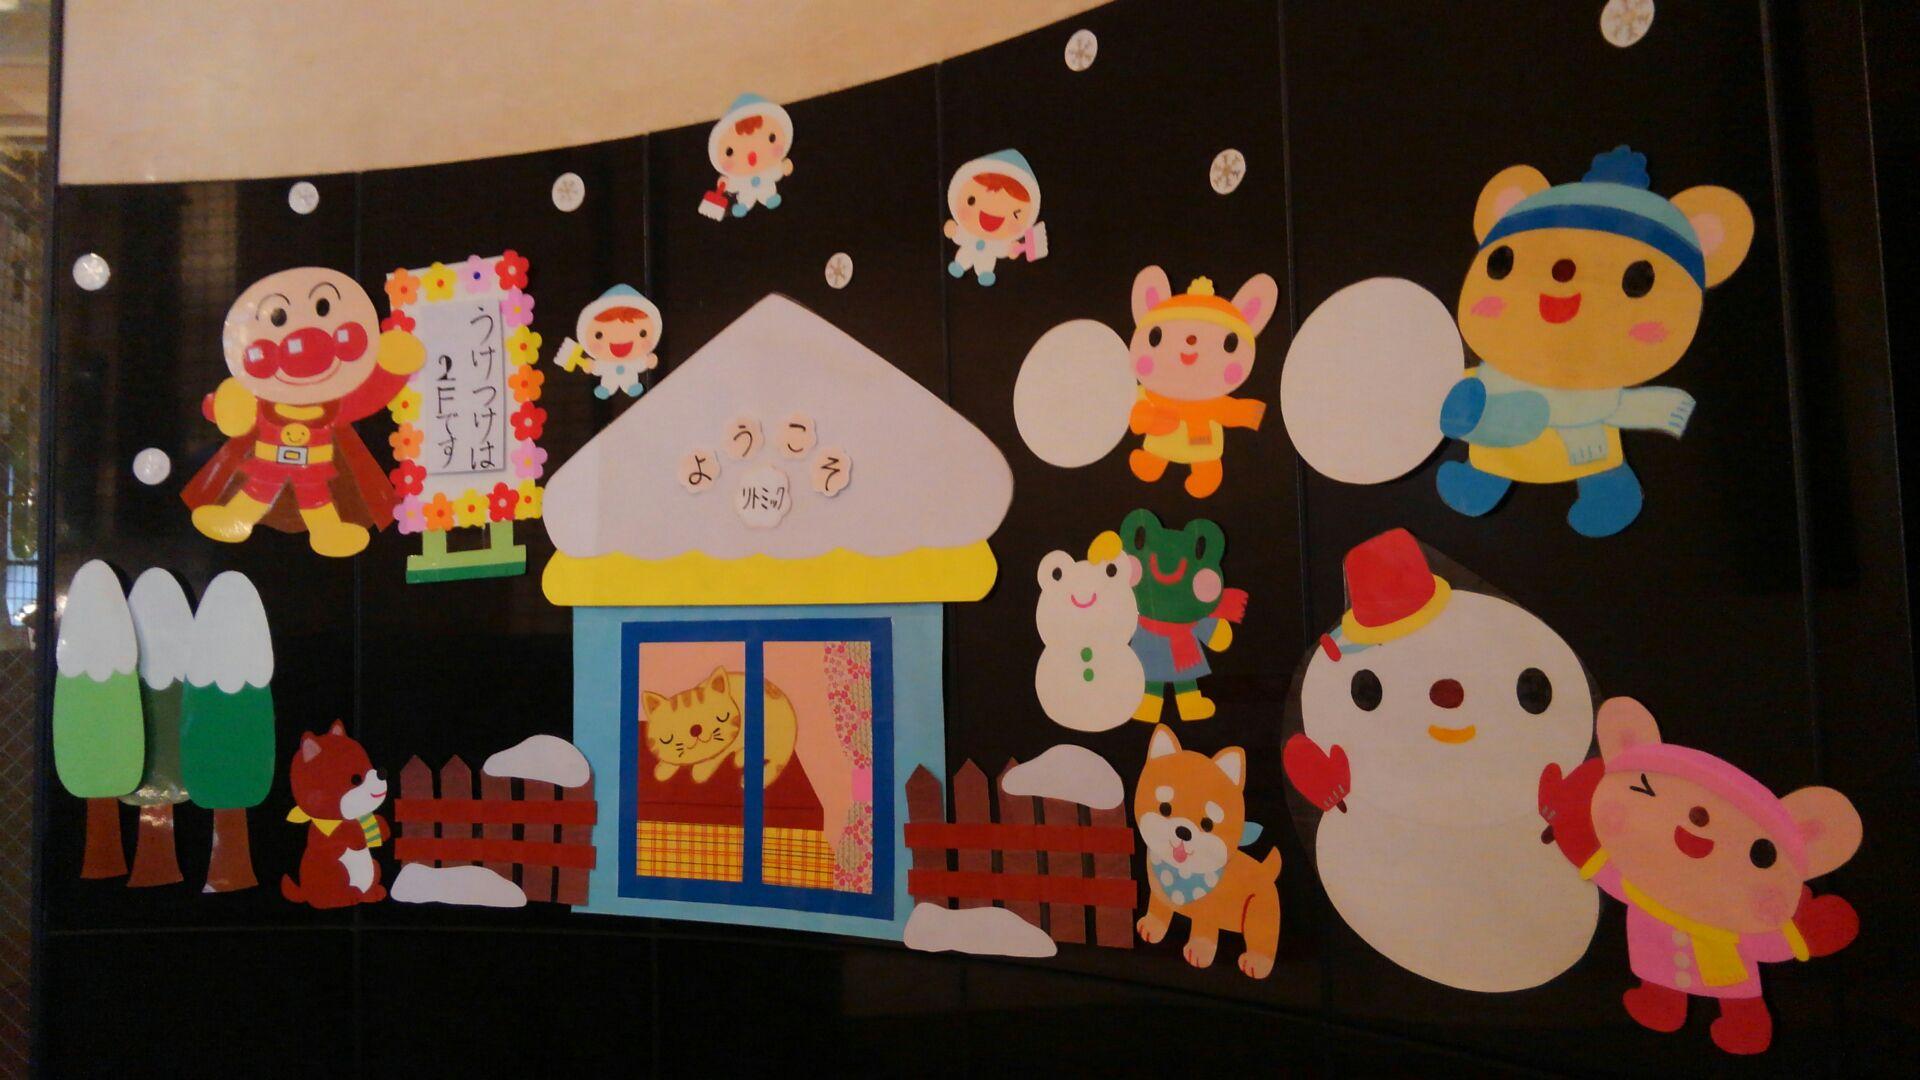 KMA リトミック教室へ来校された方を賑やかな装飾がお出迎え。